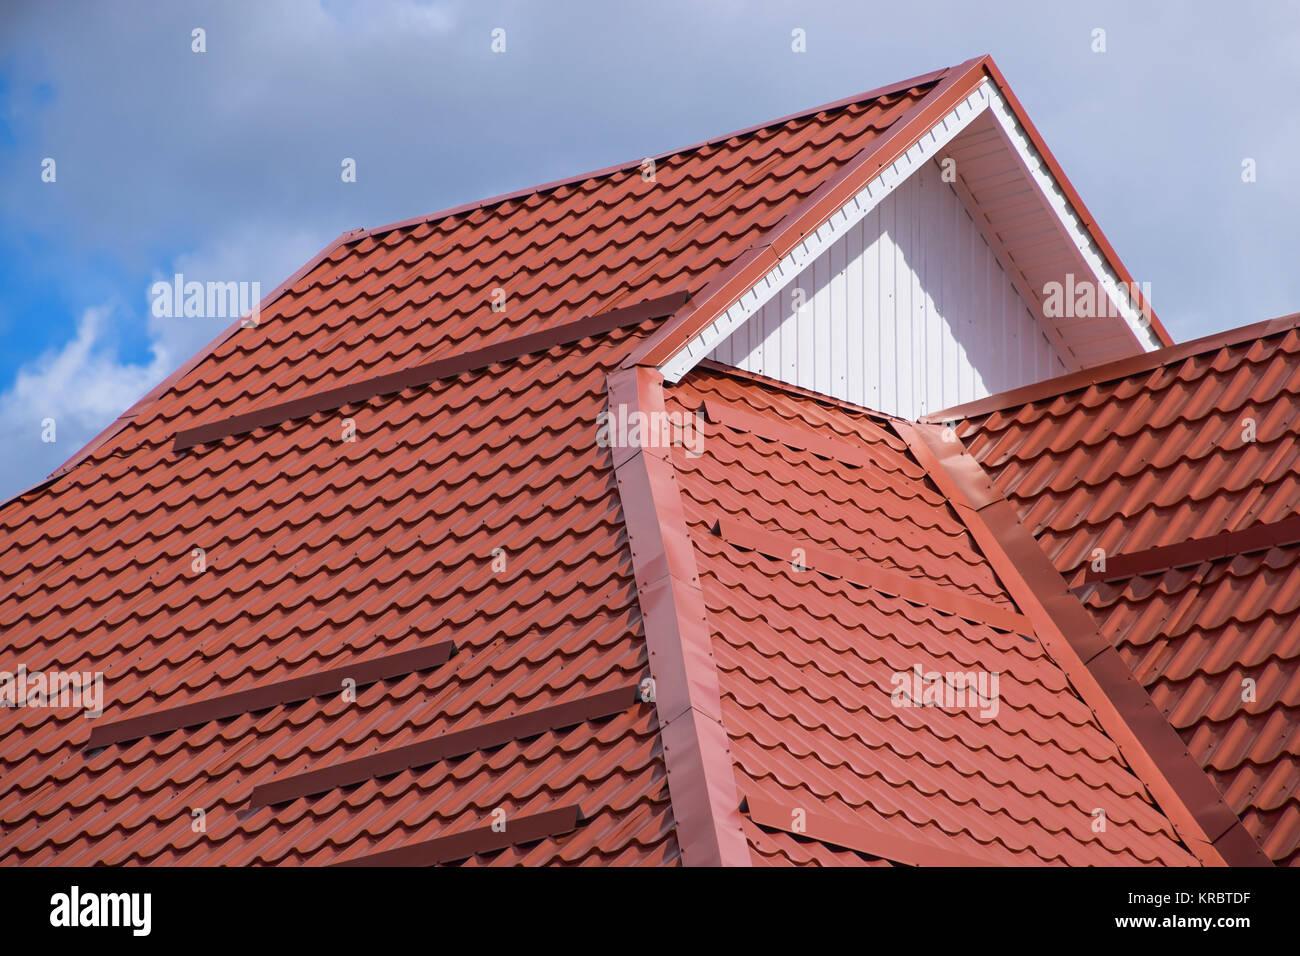 das dach aus wellblech rot orange stockfoto bild. Black Bedroom Furniture Sets. Home Design Ideas